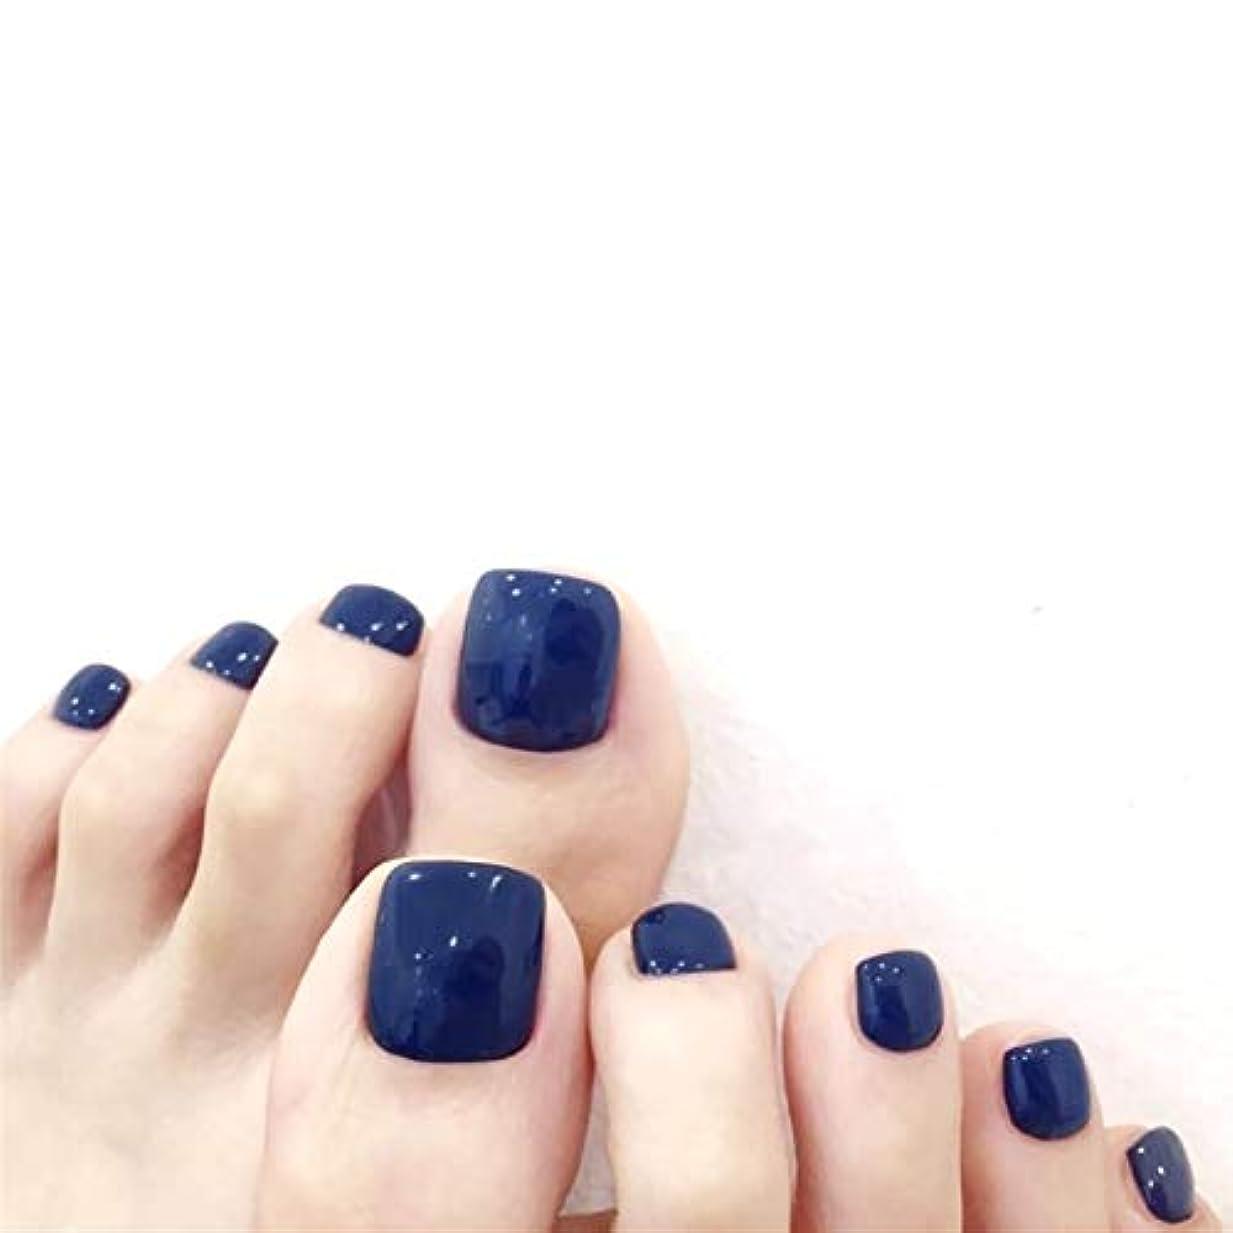 ホイストキャップ期限切れネイビーブルー フットネイルチップ 足の爪用ネイルチップ 24枚セットつけ爪